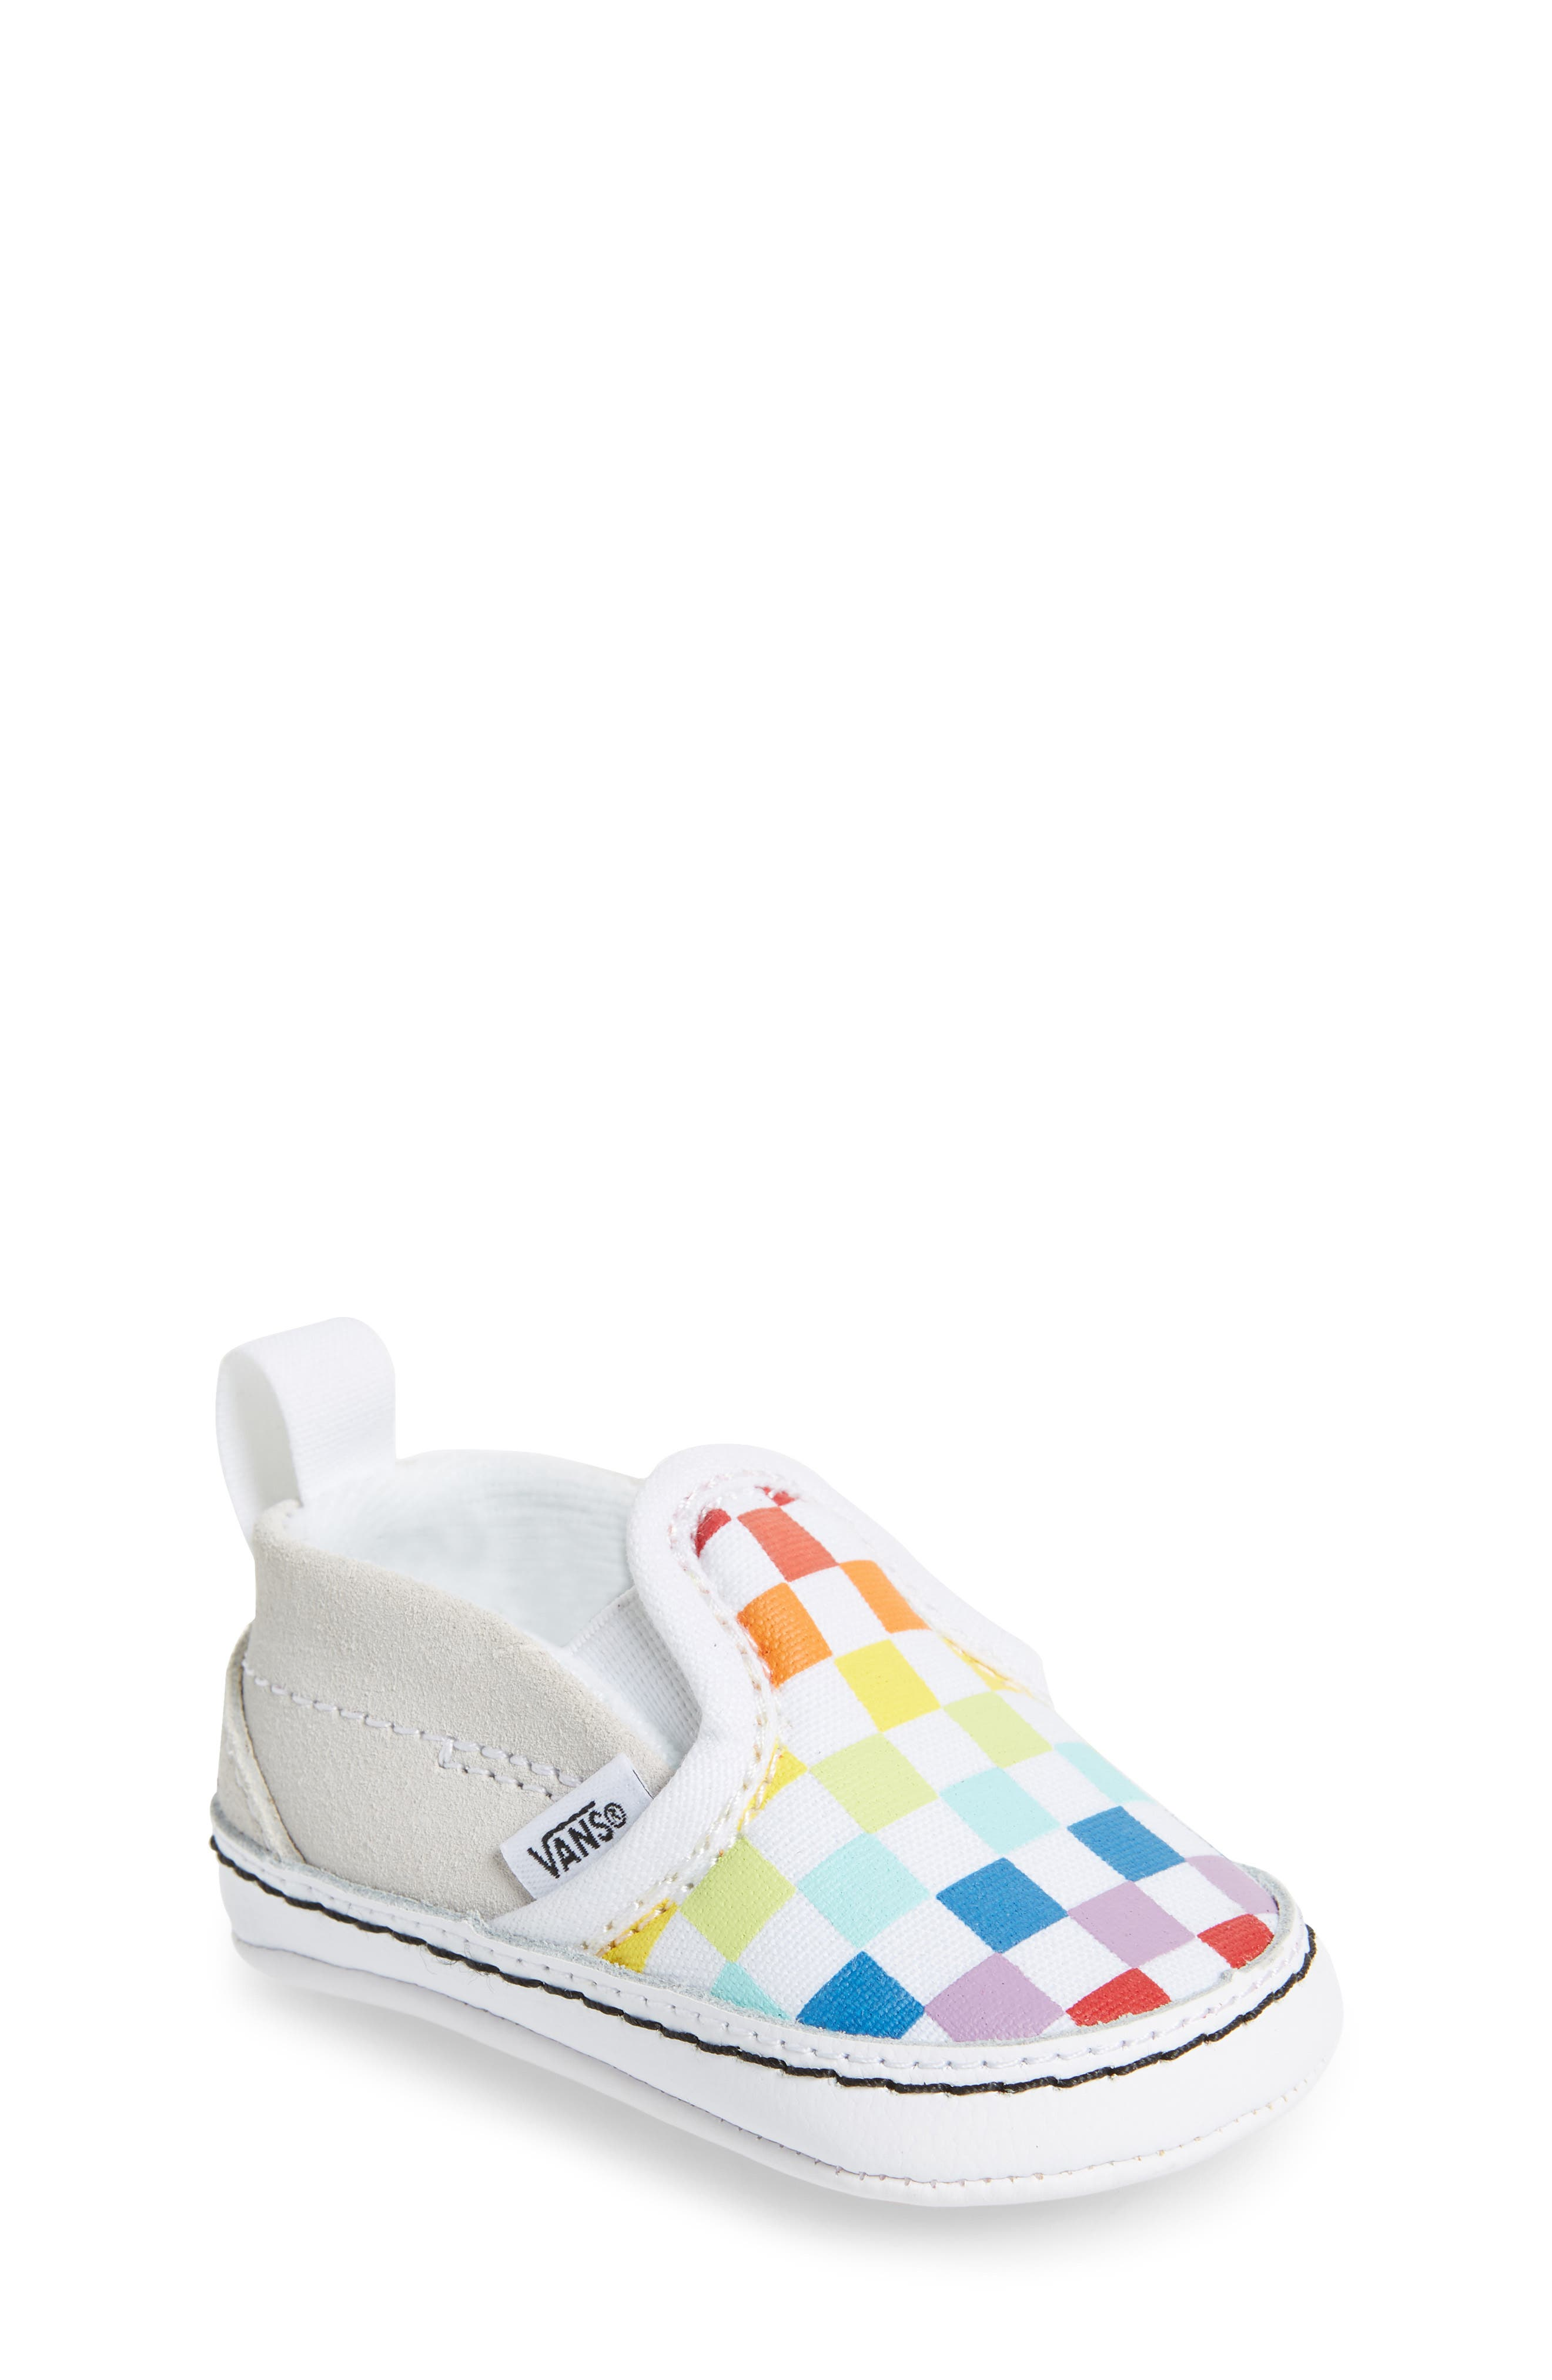 Vans Slip-On Crib Shoe